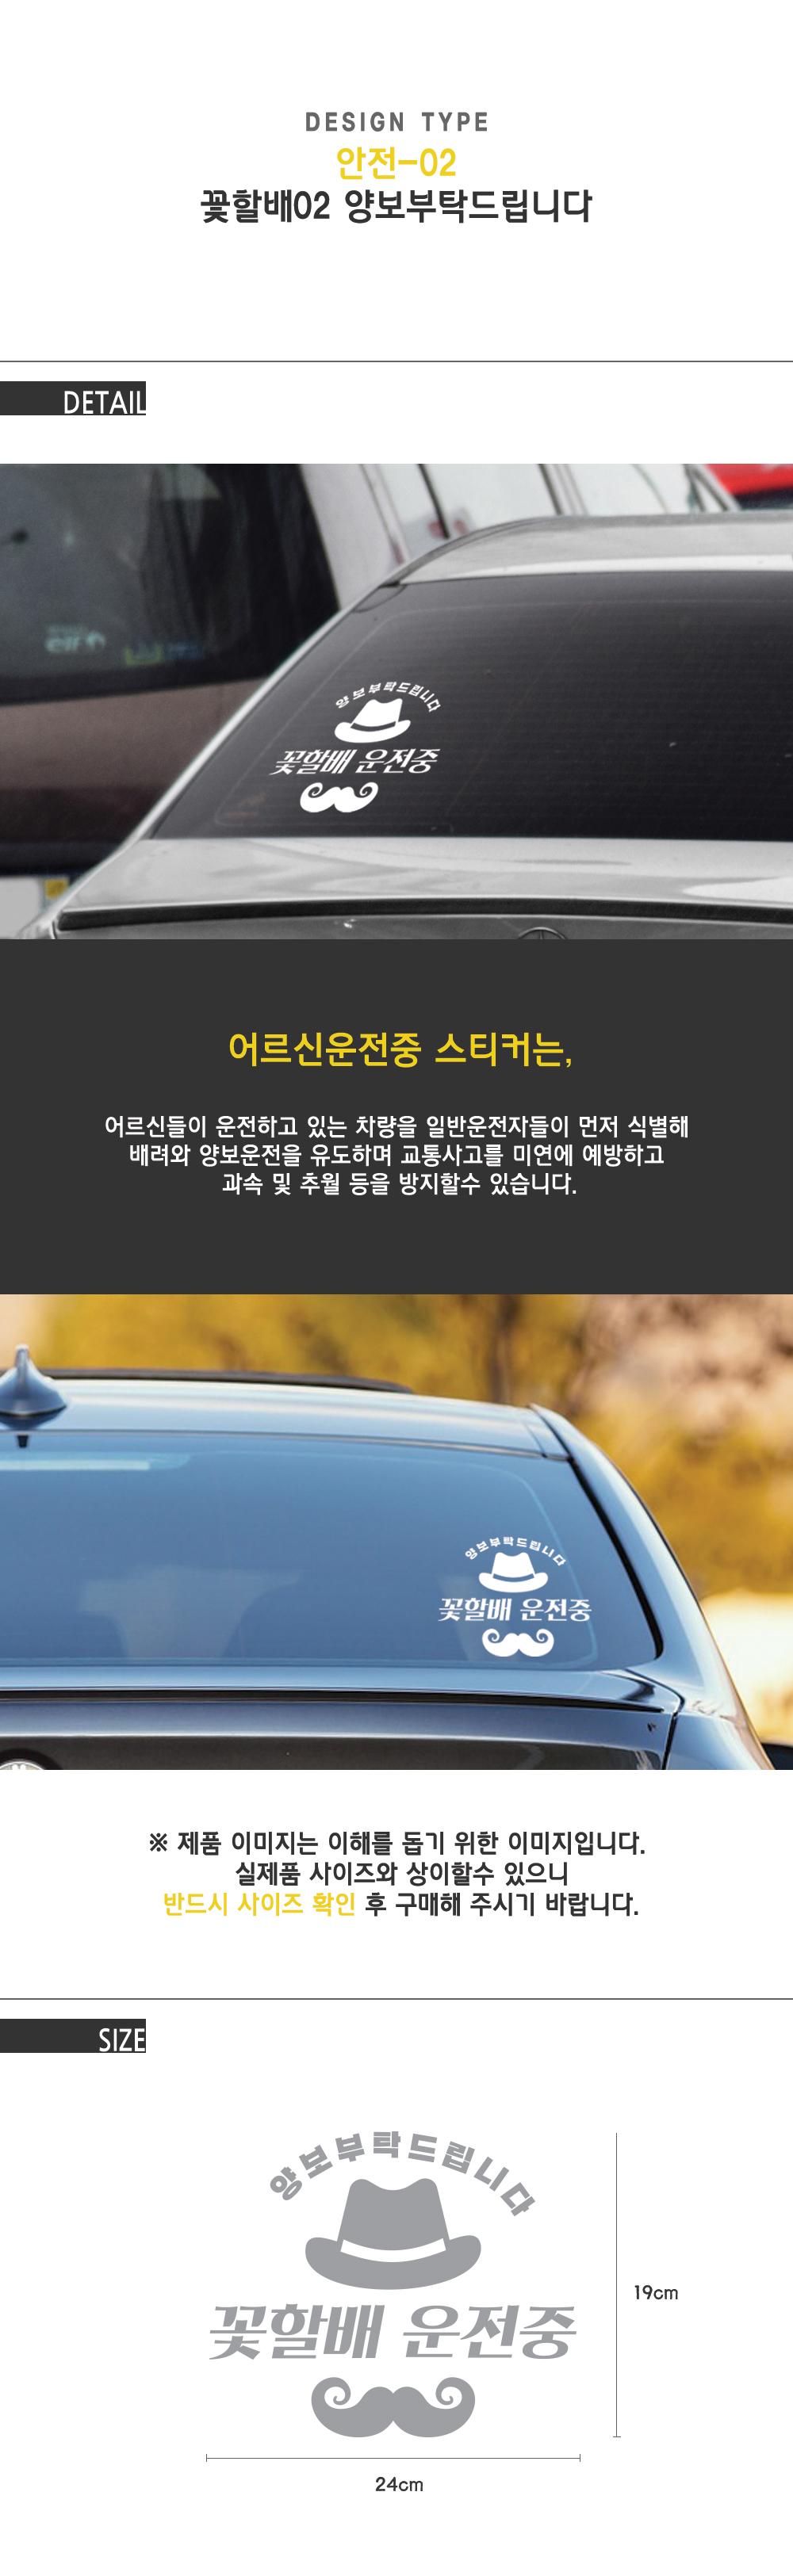 꽃할배02_어르신운전중 자동차스티커 - 헬로팸 , 5,500원, 자동차 스티커, 초보운전/아기탑승/주차 스티커